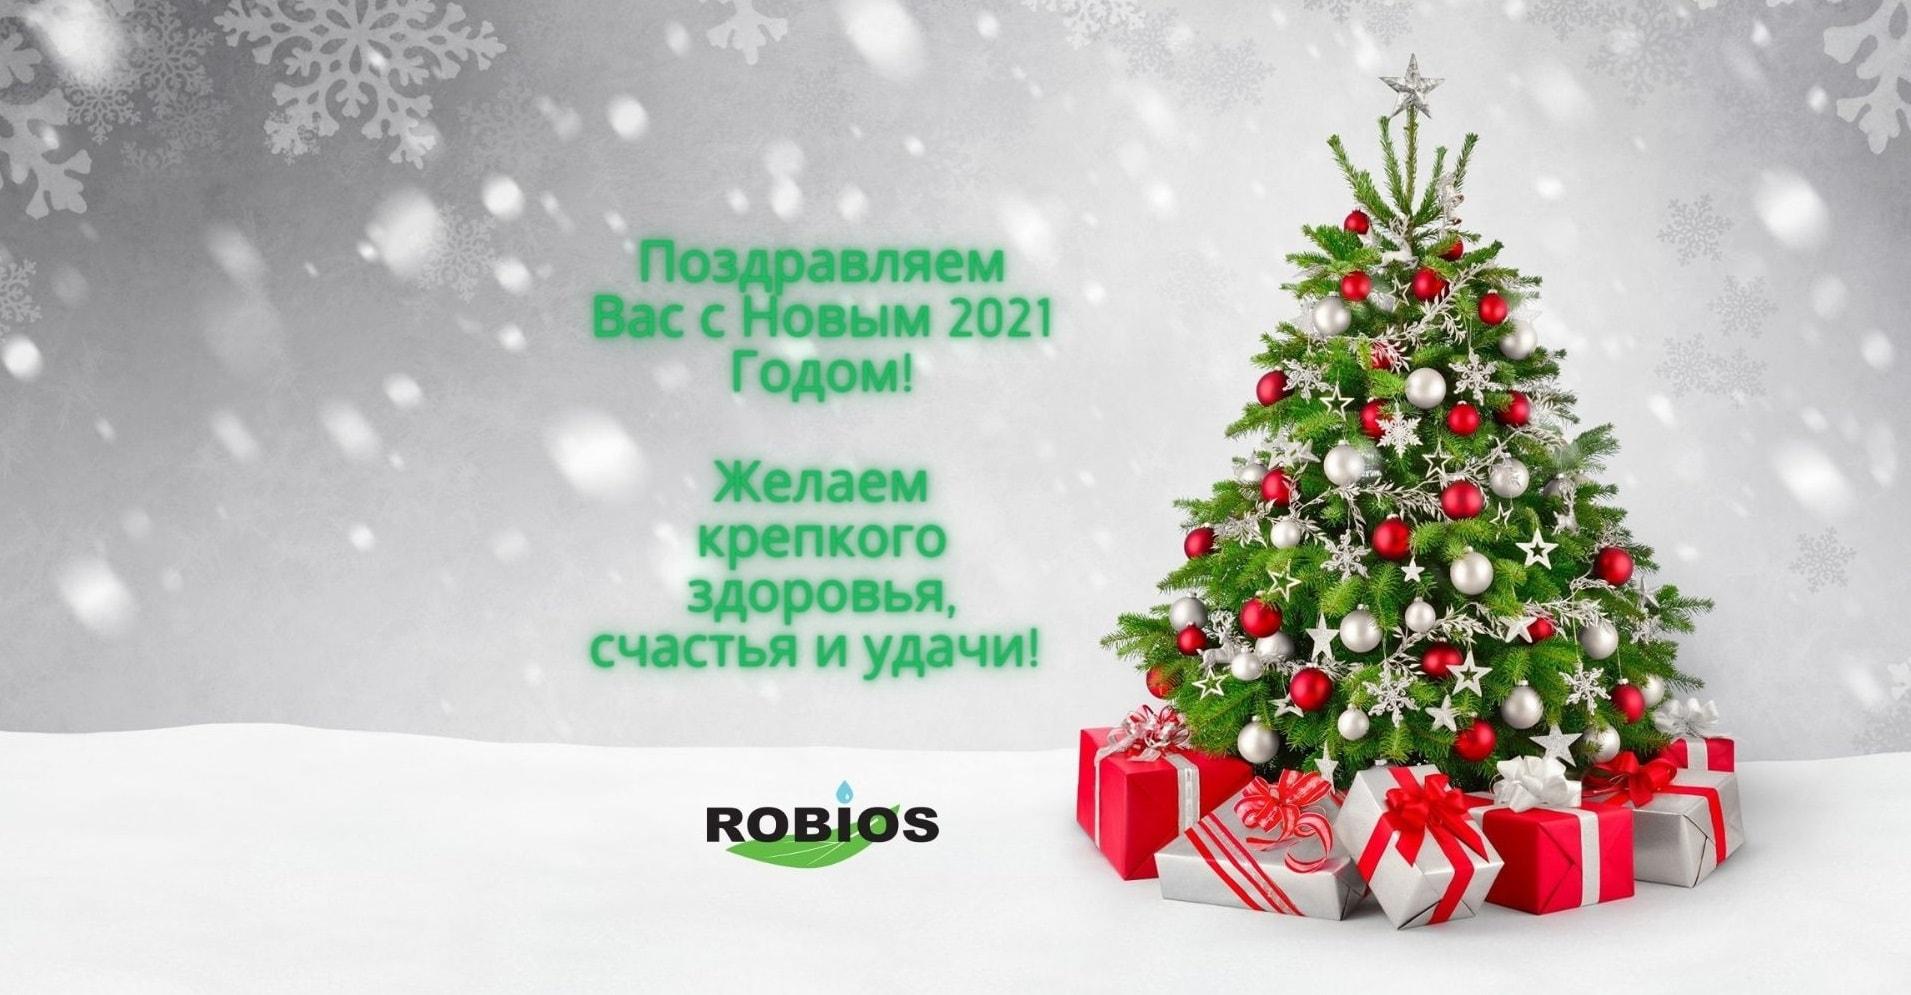 Robios LLC Happy New Year!